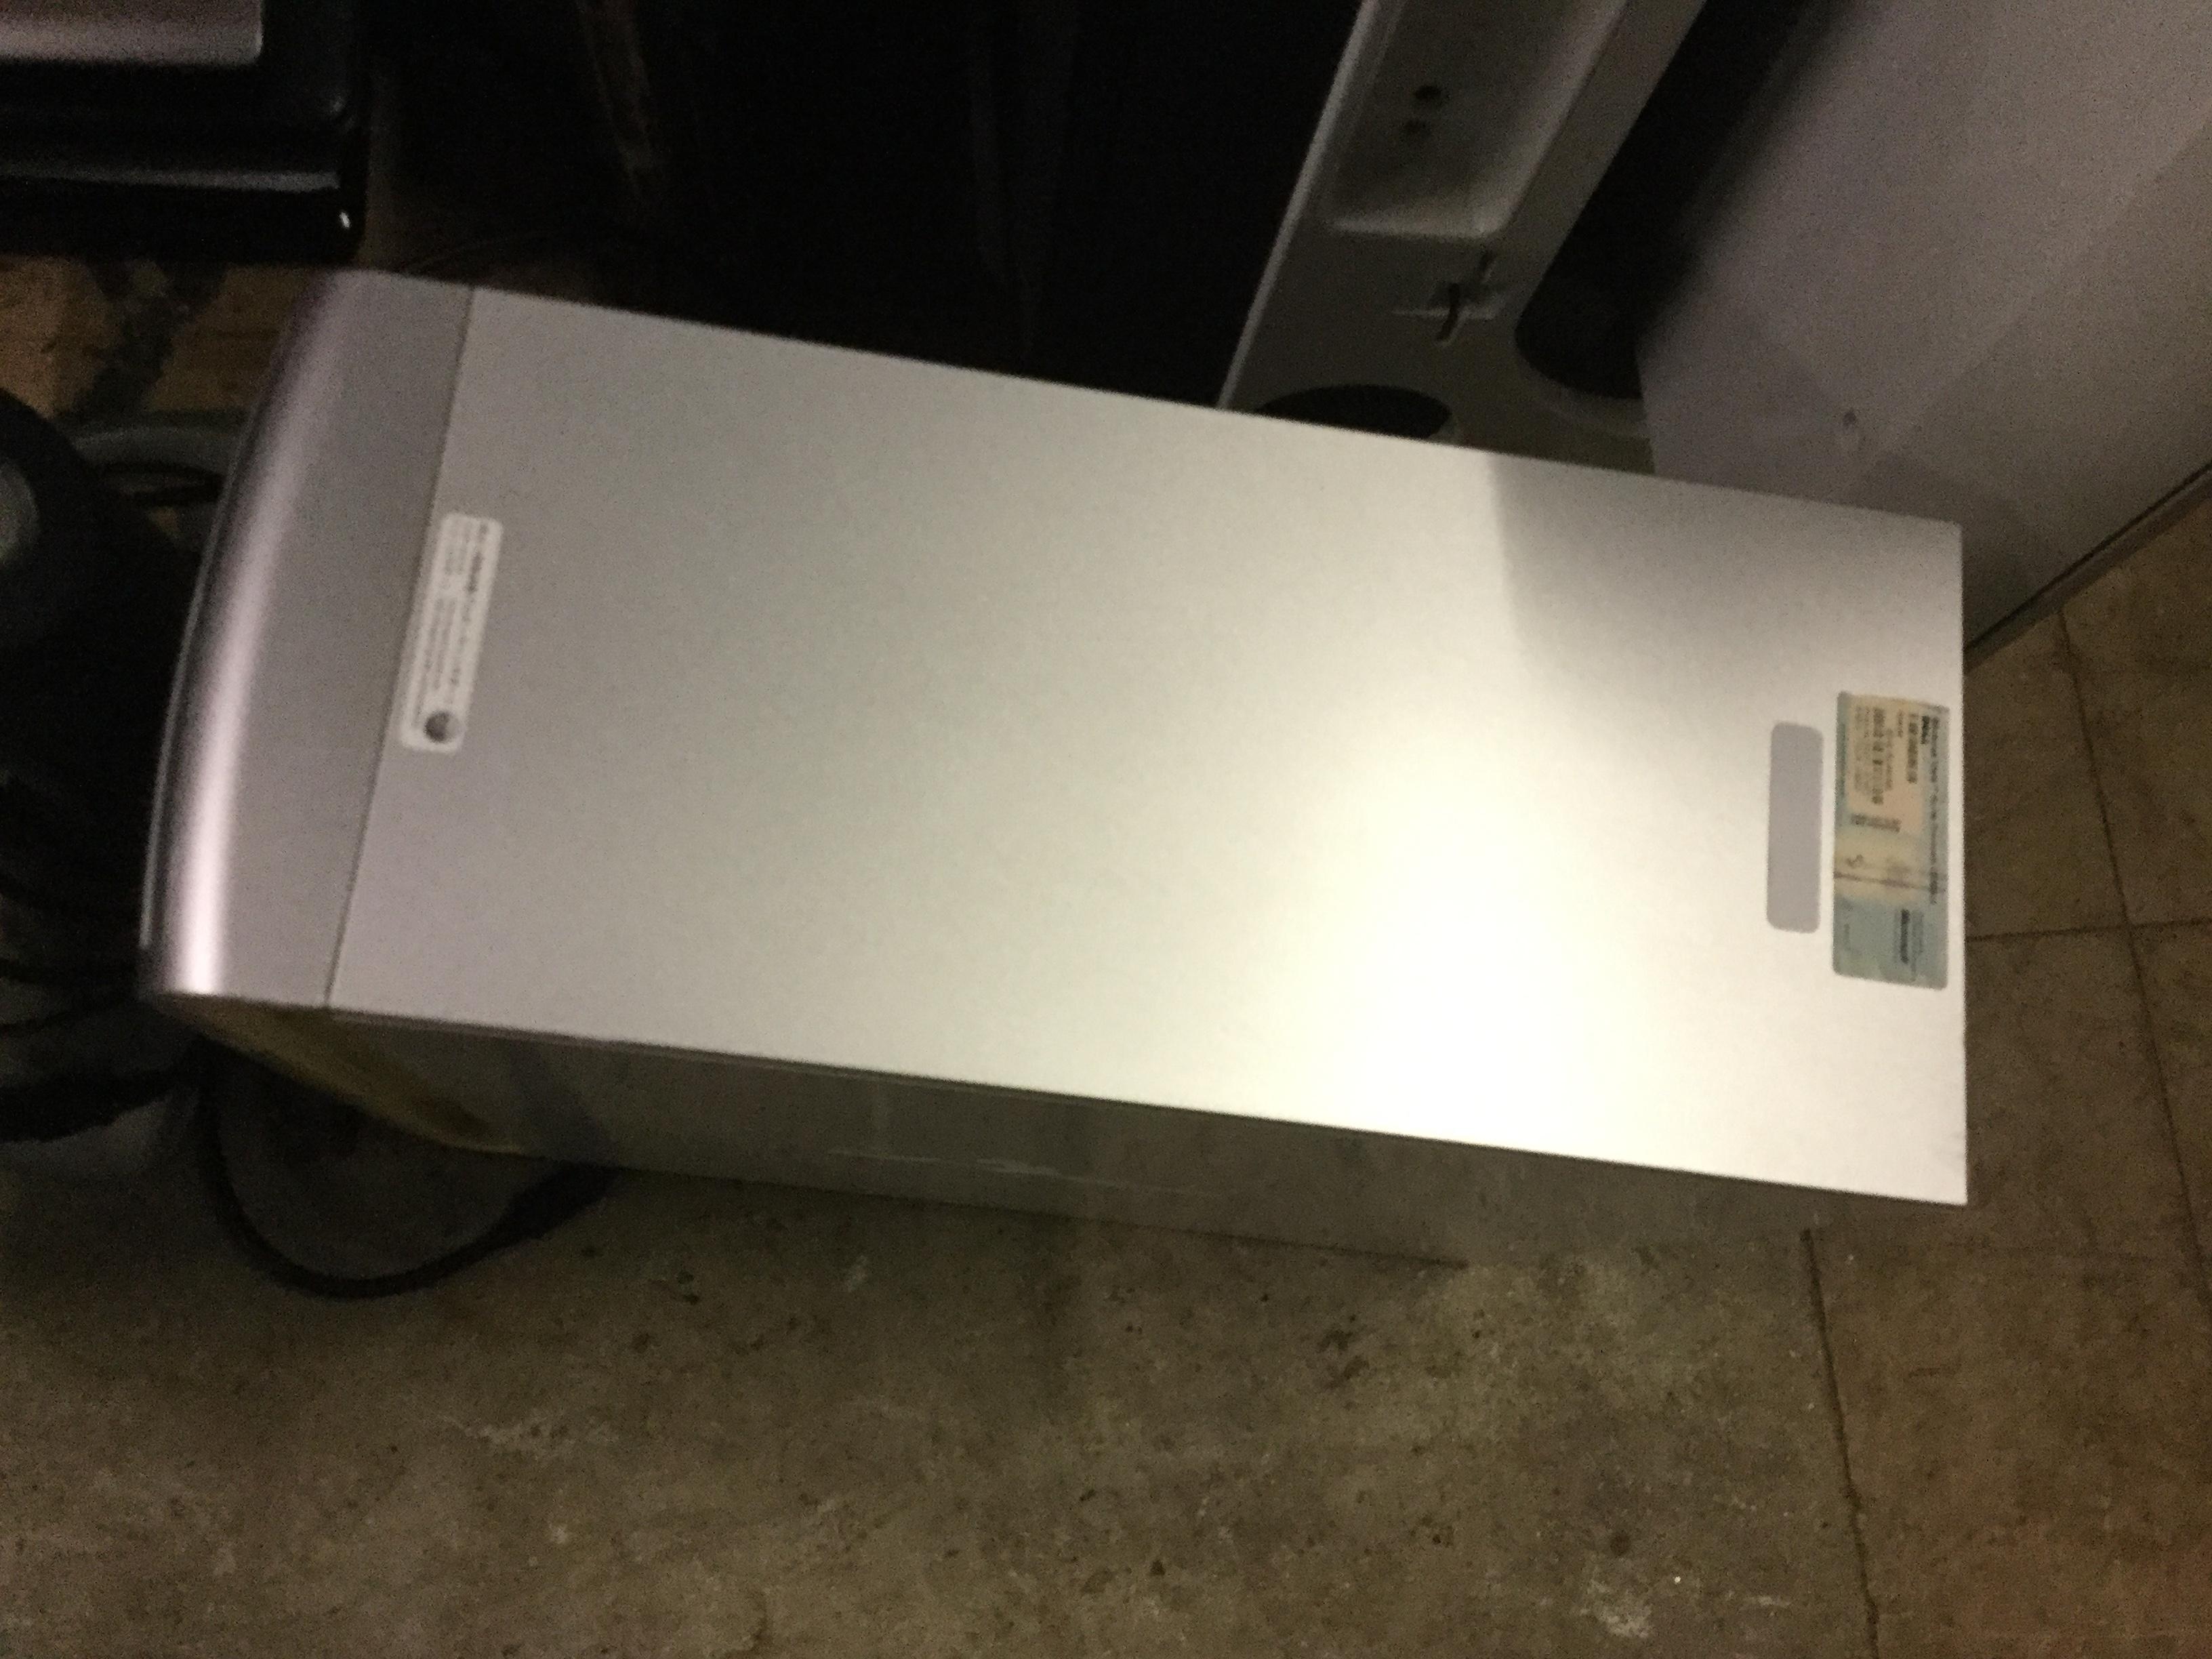 パソコン本体